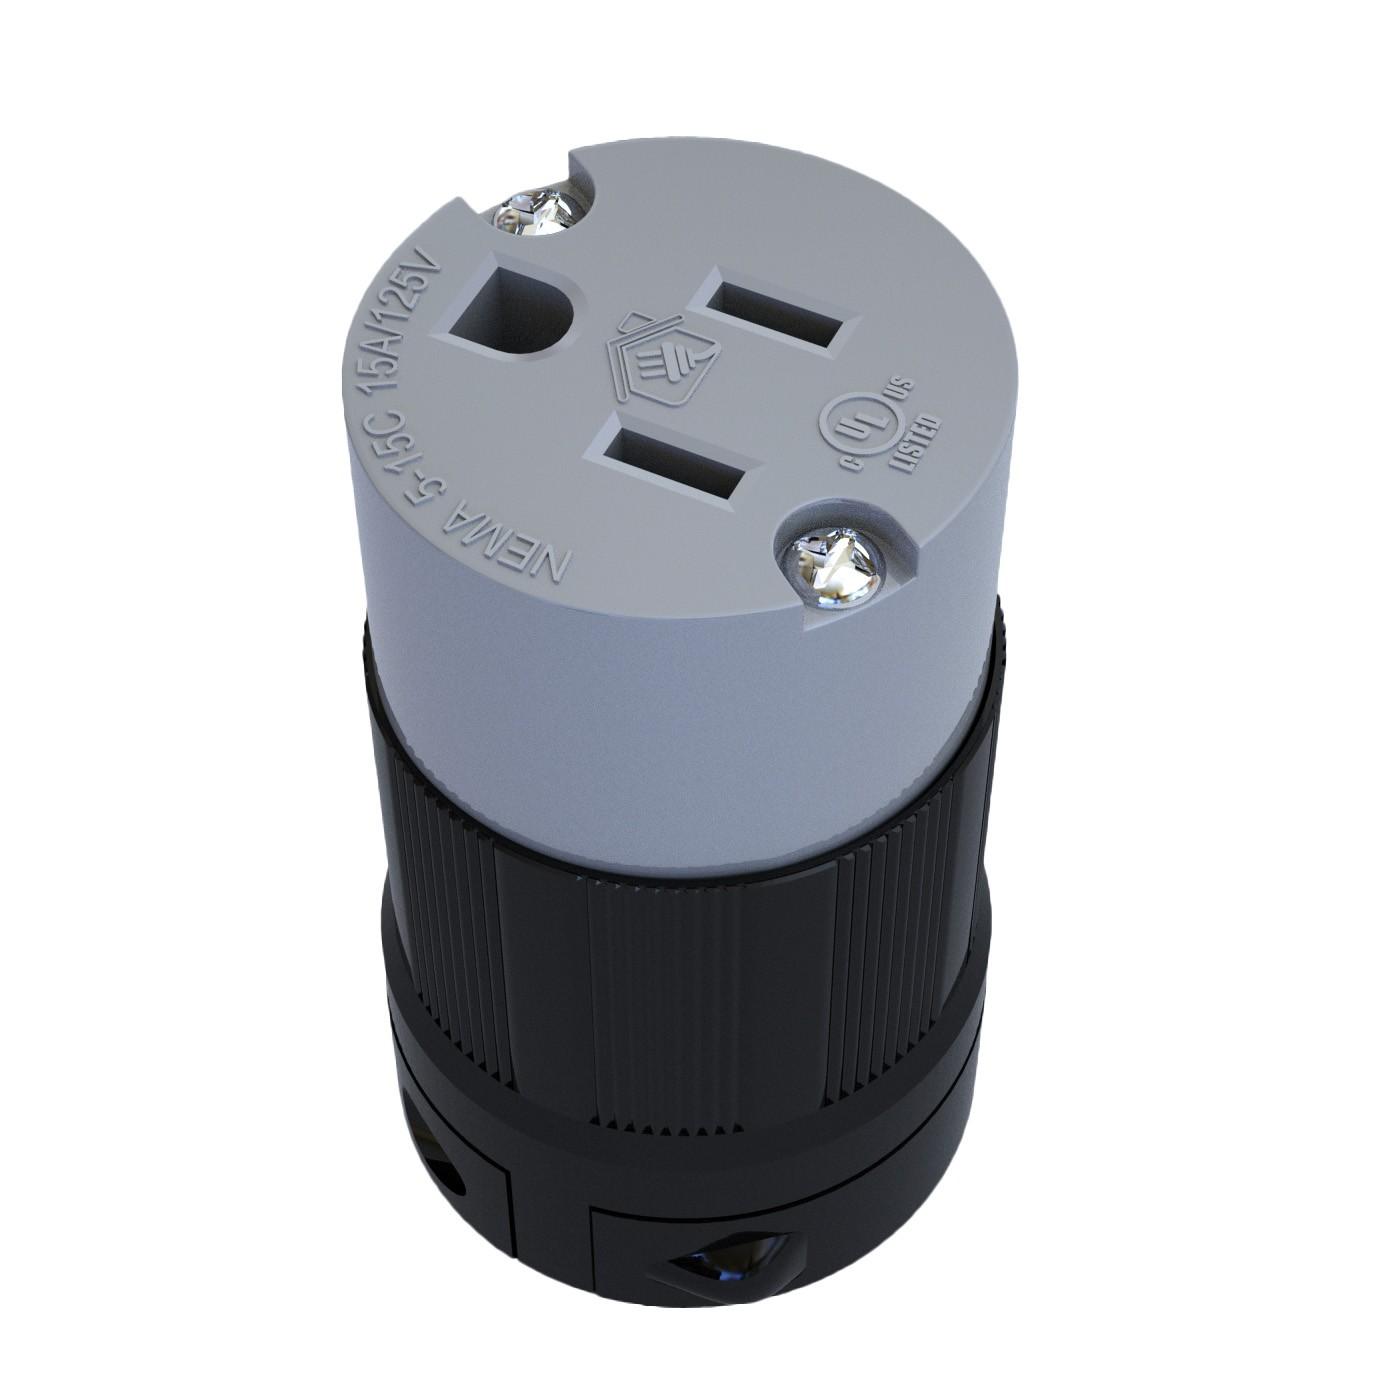 Conector Nema 5-15C - 15A - 125V 2P+T